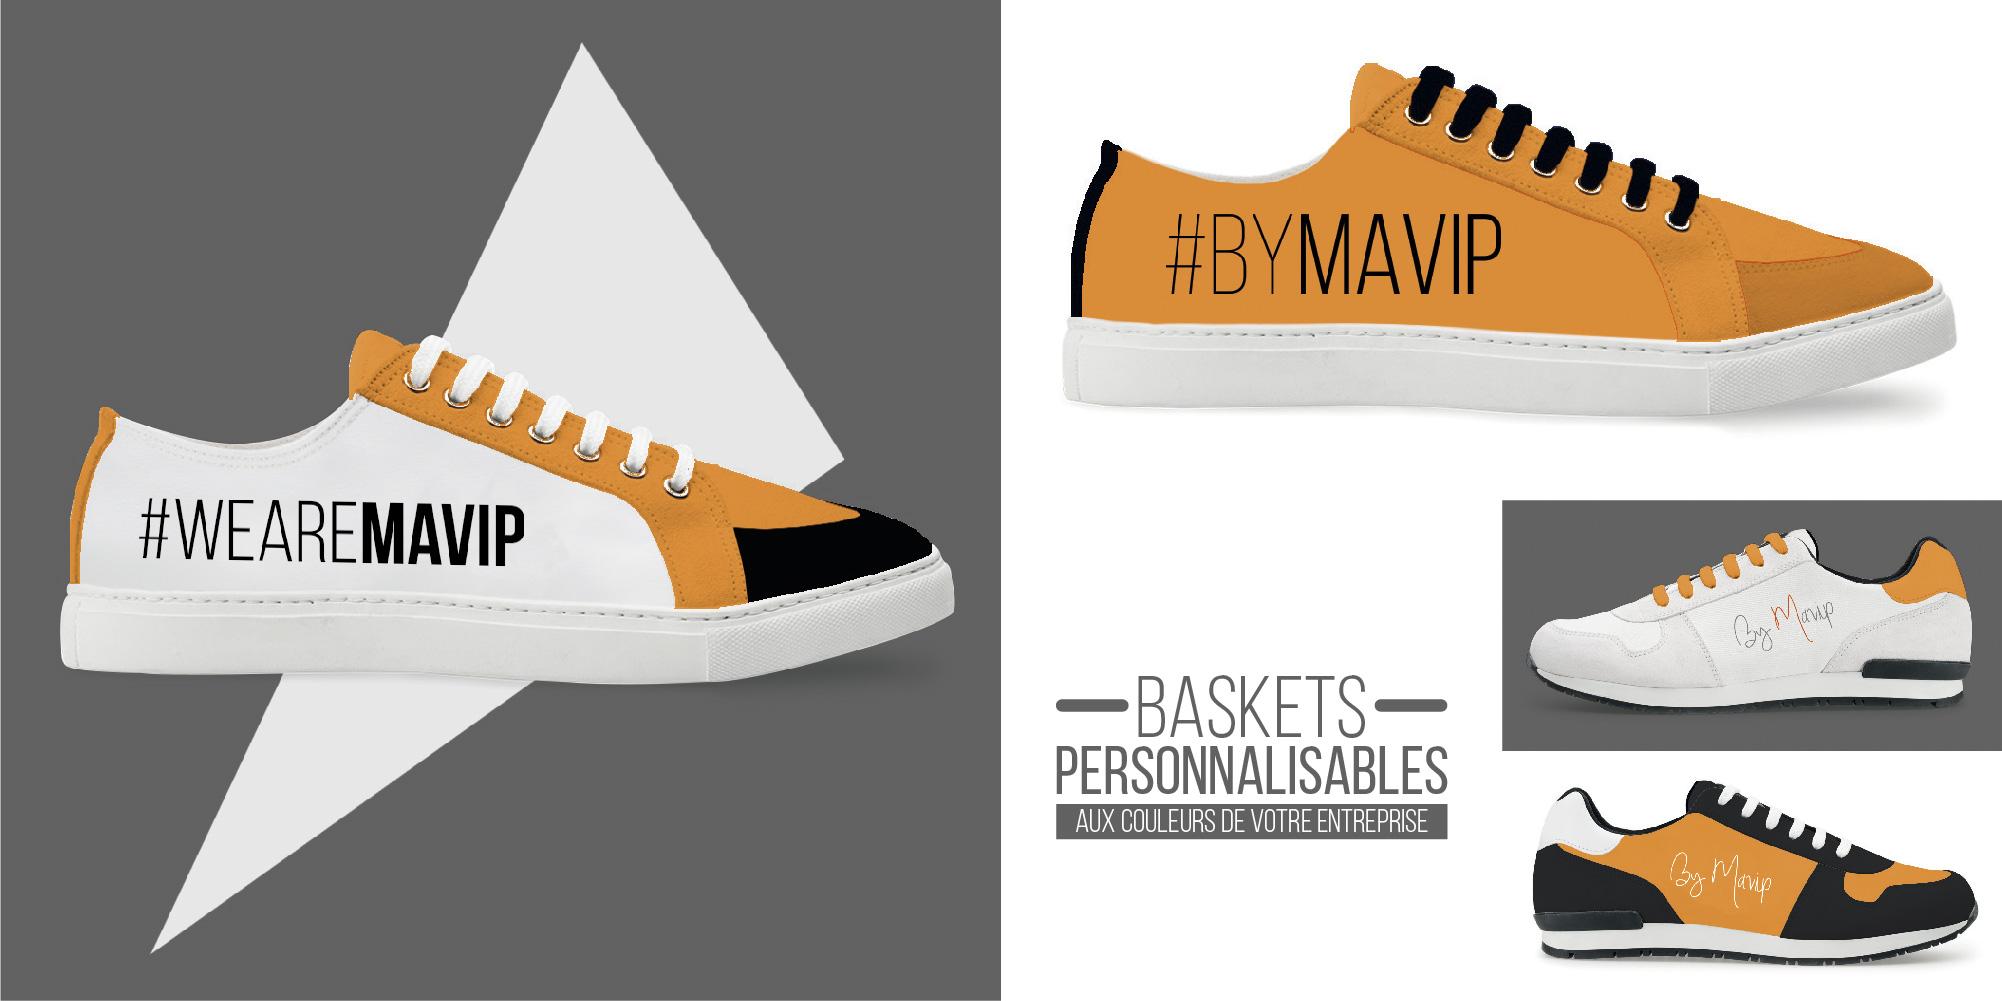 Baskets personnalisables aux couleurs de votre entreprise logo by Mavip